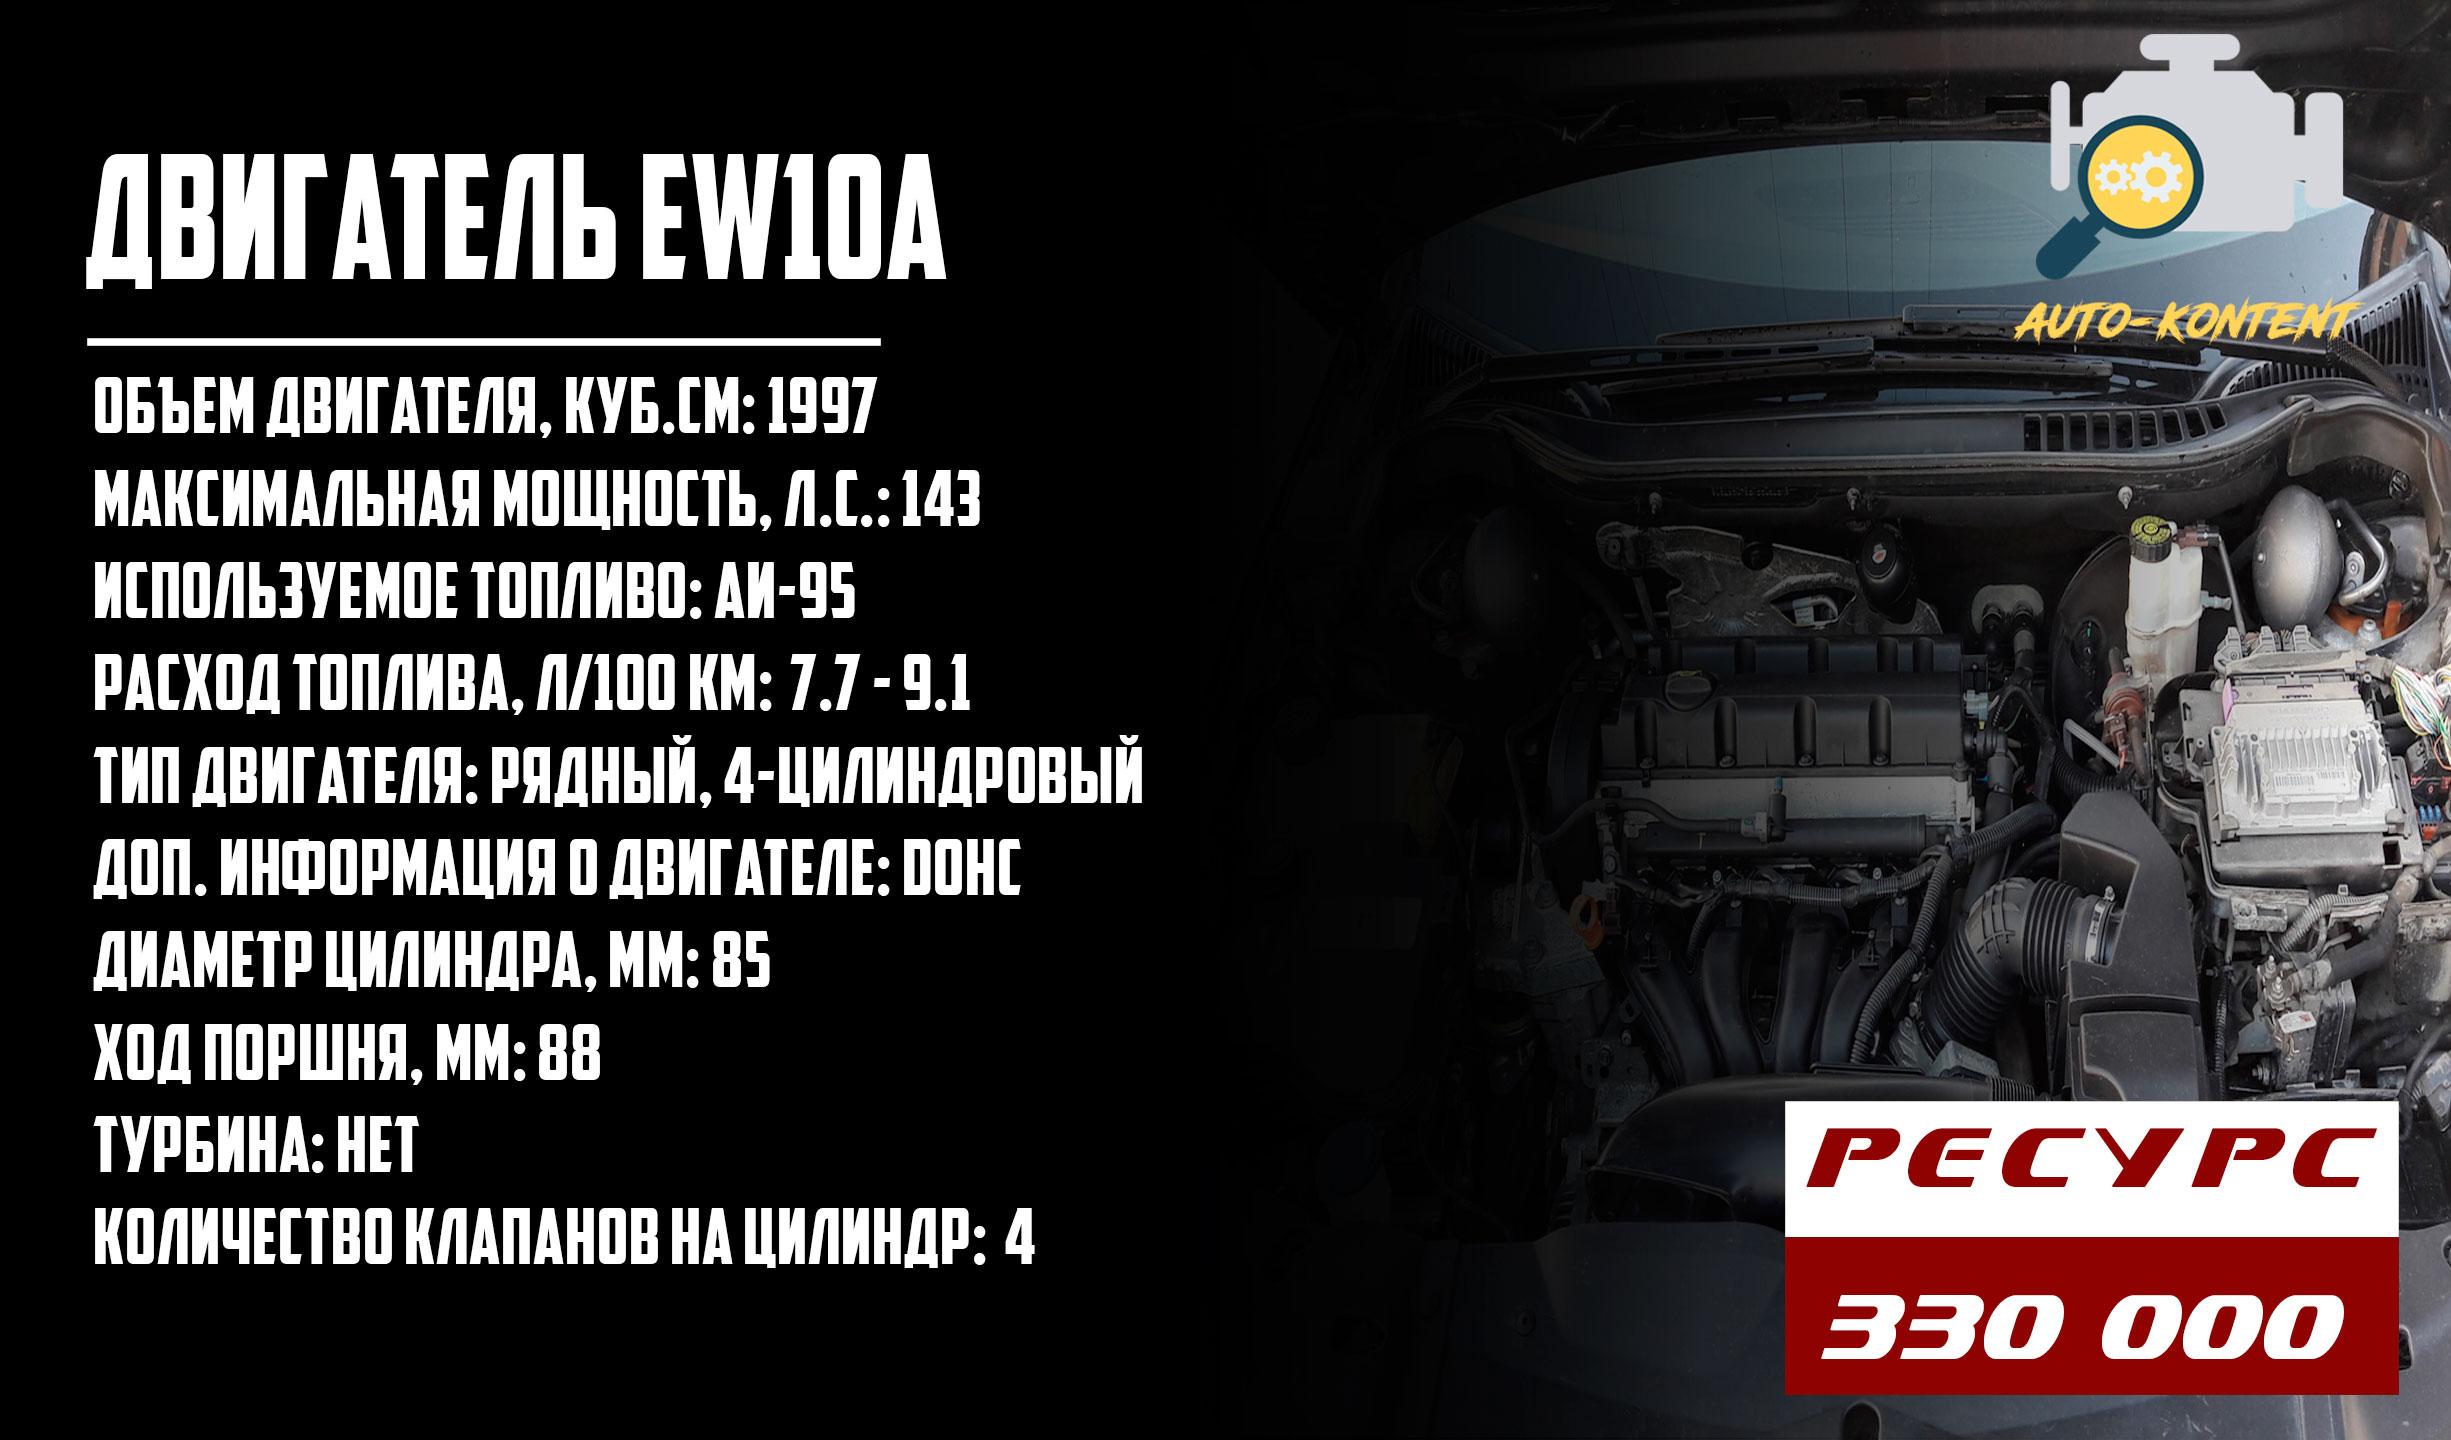 EW10A